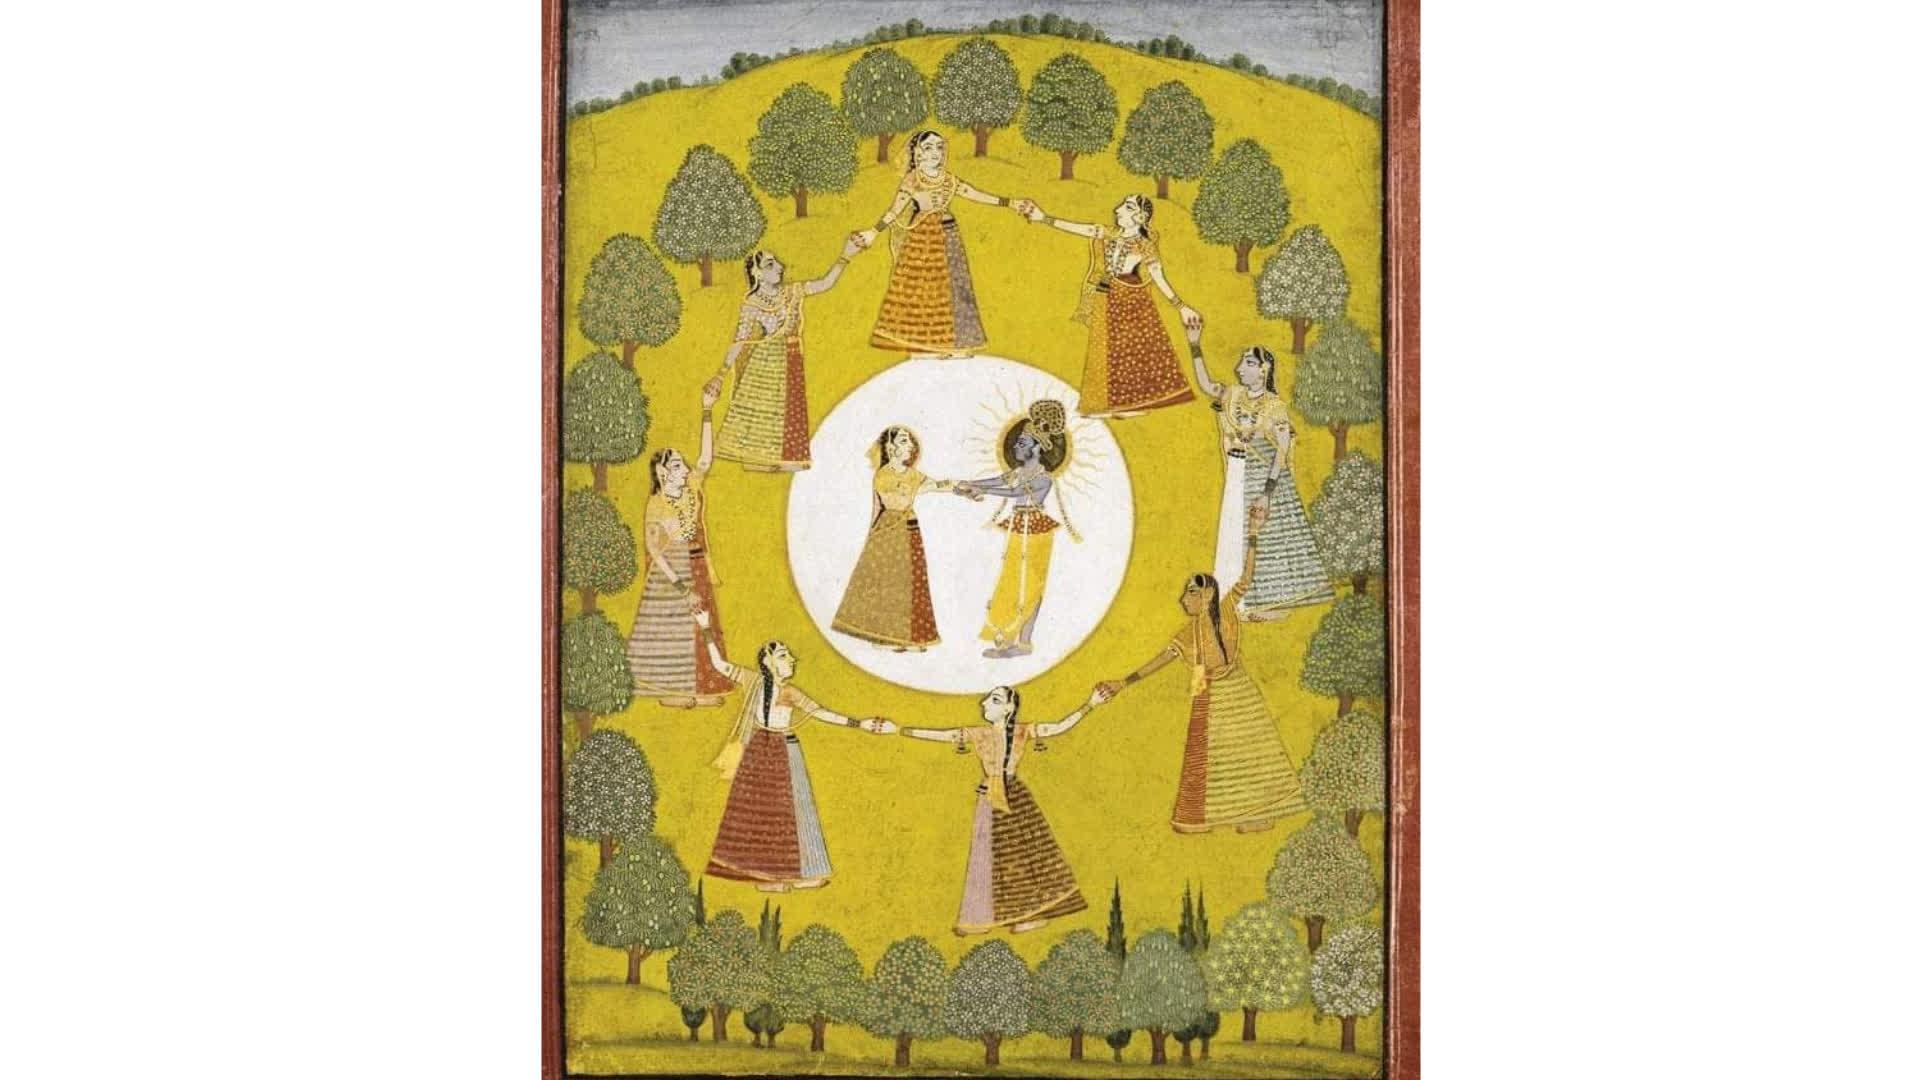 उर्दू शायरी में भी ख़ूब निखरे हैं कृष्ण-भक्ति के रंग